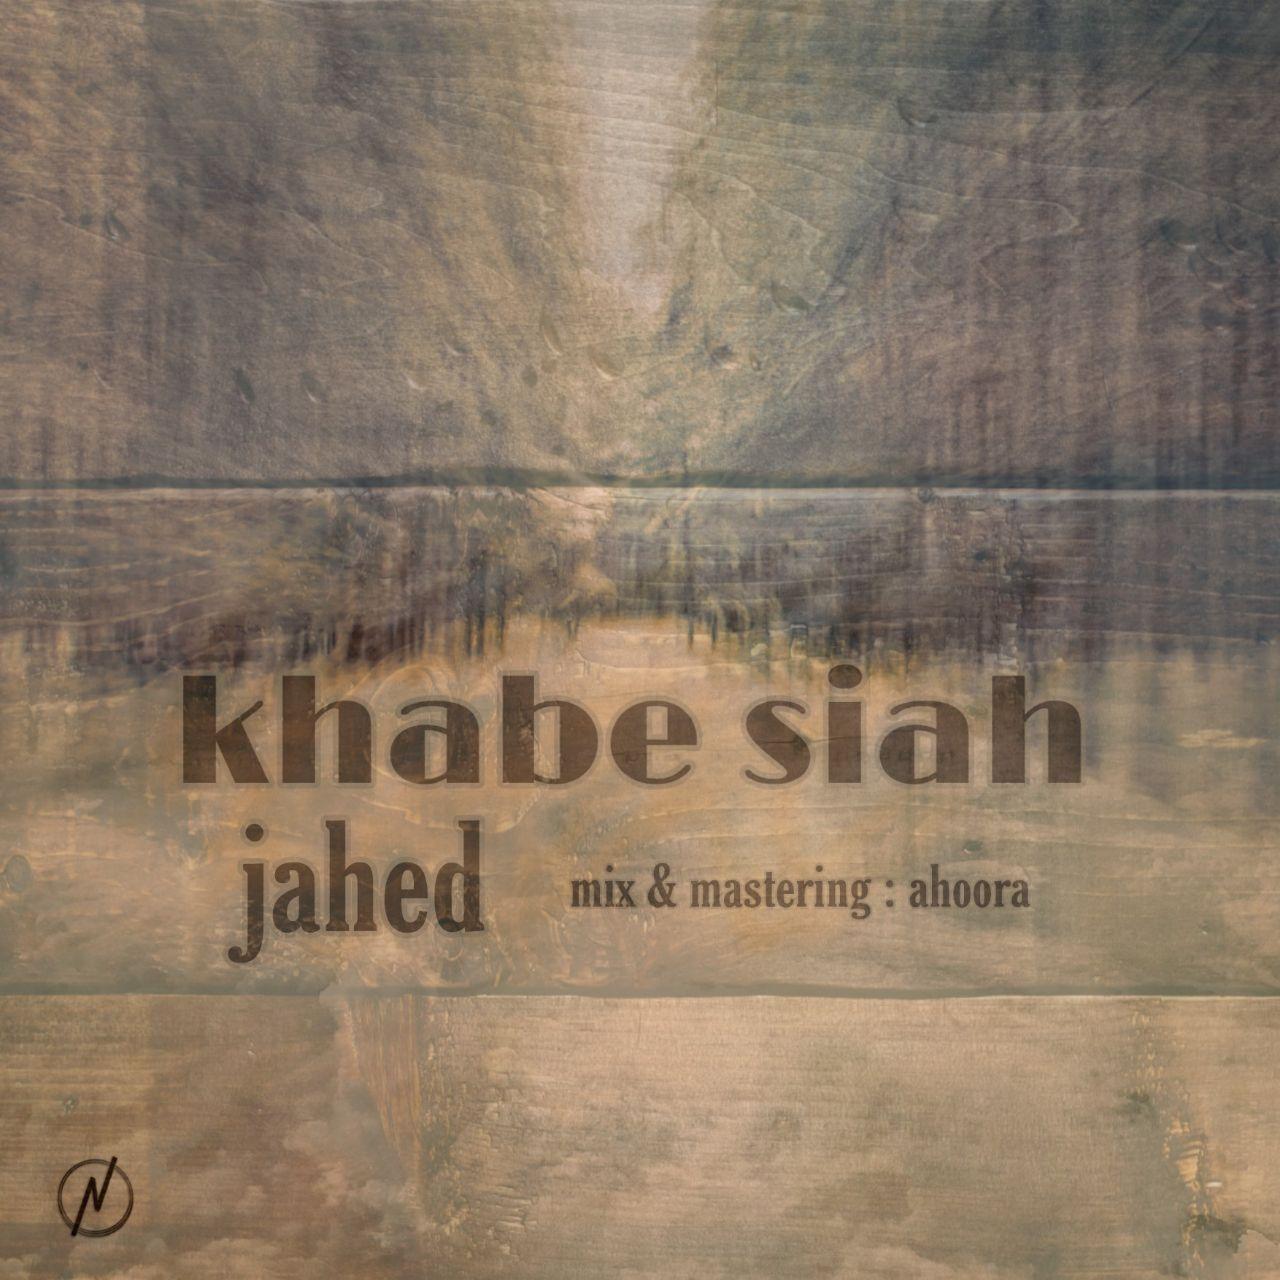 Jahed – Khabe Siah